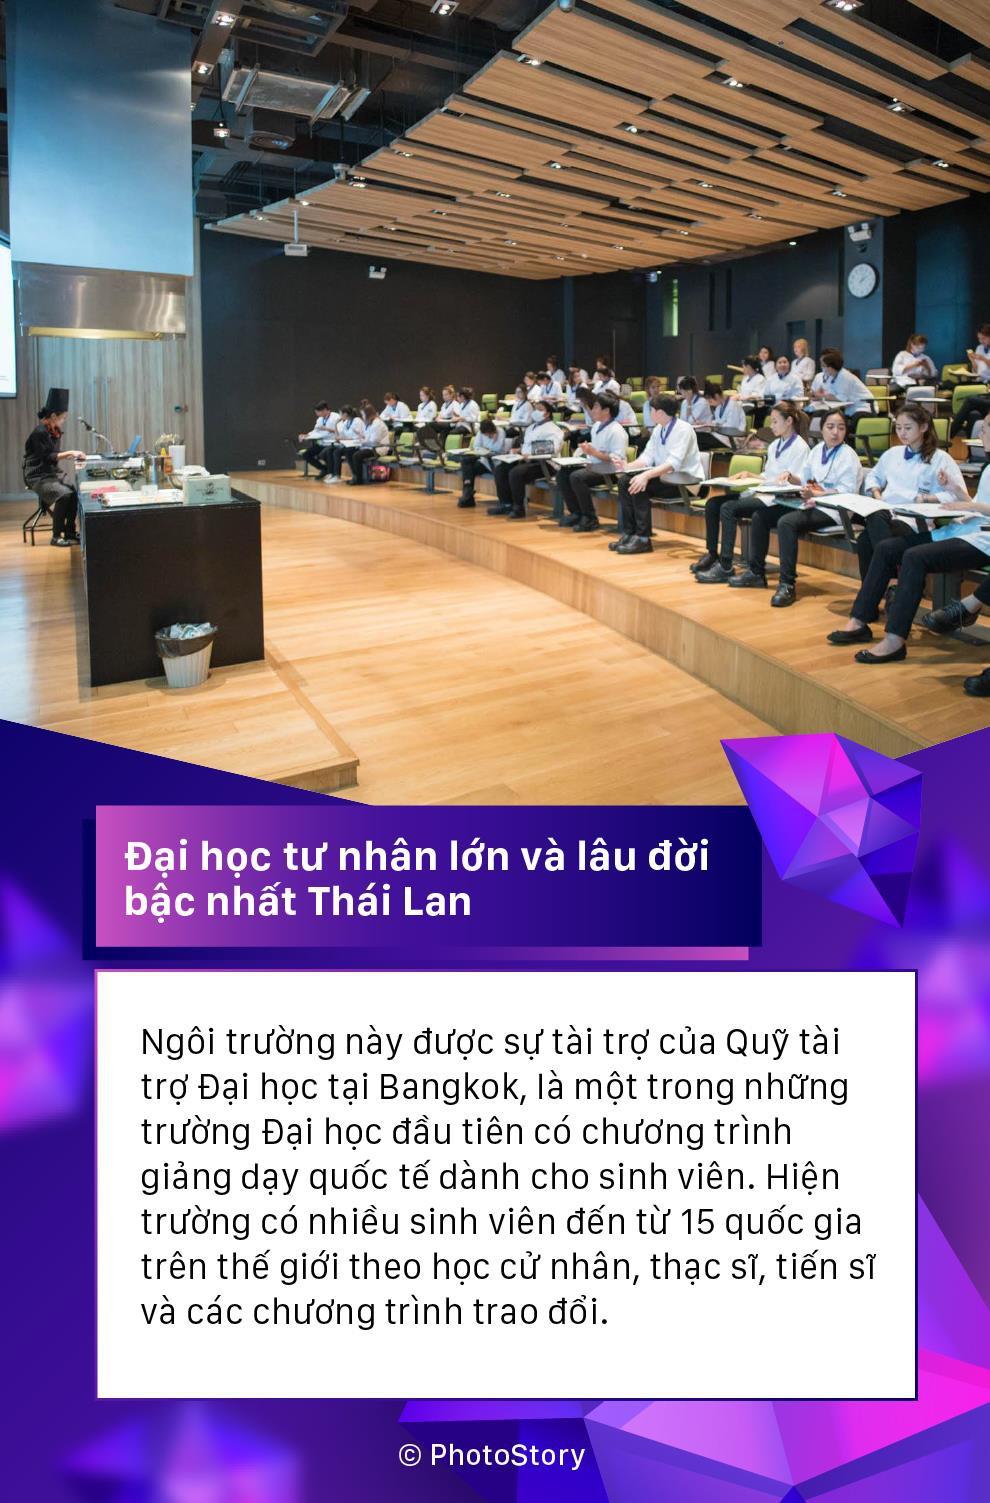 Lý do host Asias Next Top Model Cindy Bishop, Hoa hậu Thái Lan 2012 Farida Waller cùng nhiều KOLs Thái chọn Đại học Bangkok - Ảnh 2.